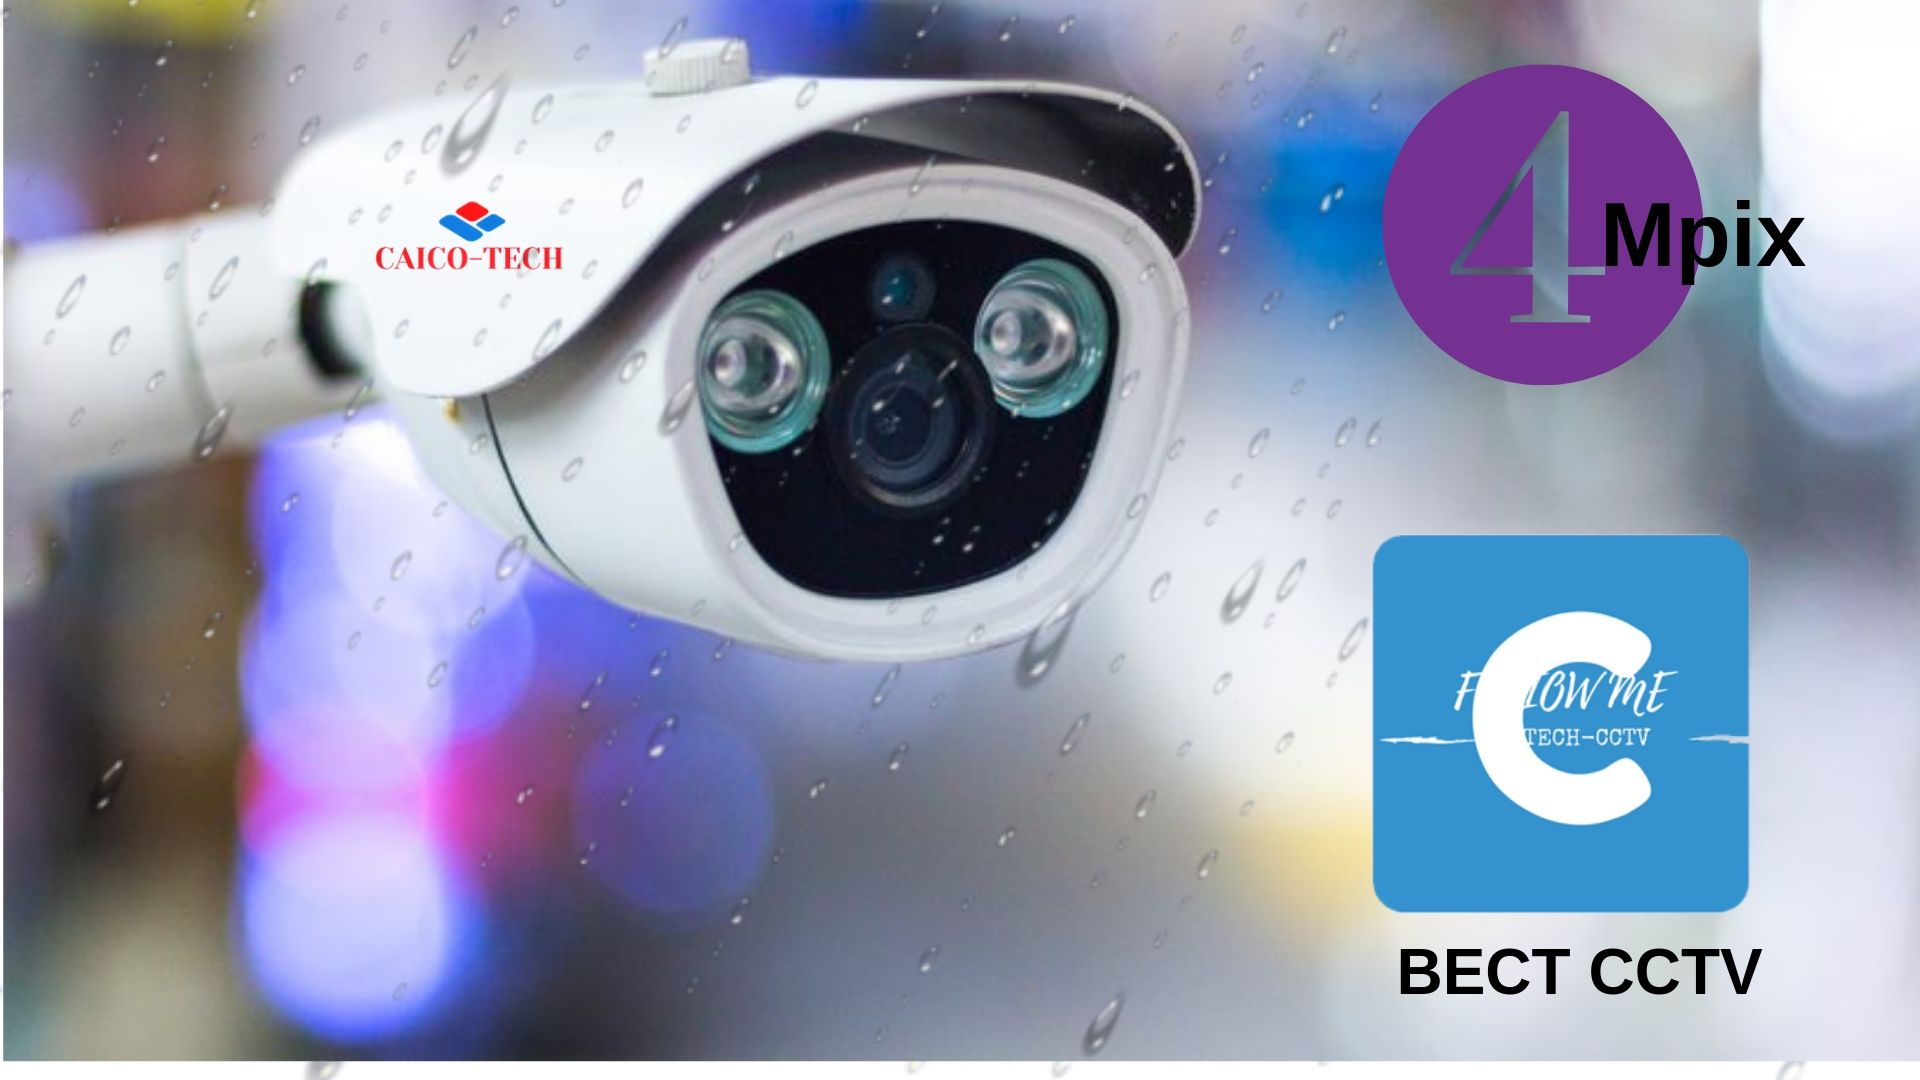 Уличная  видеокамера день -ночь 4Mpix CAICO TECH CCTV FY- 9044